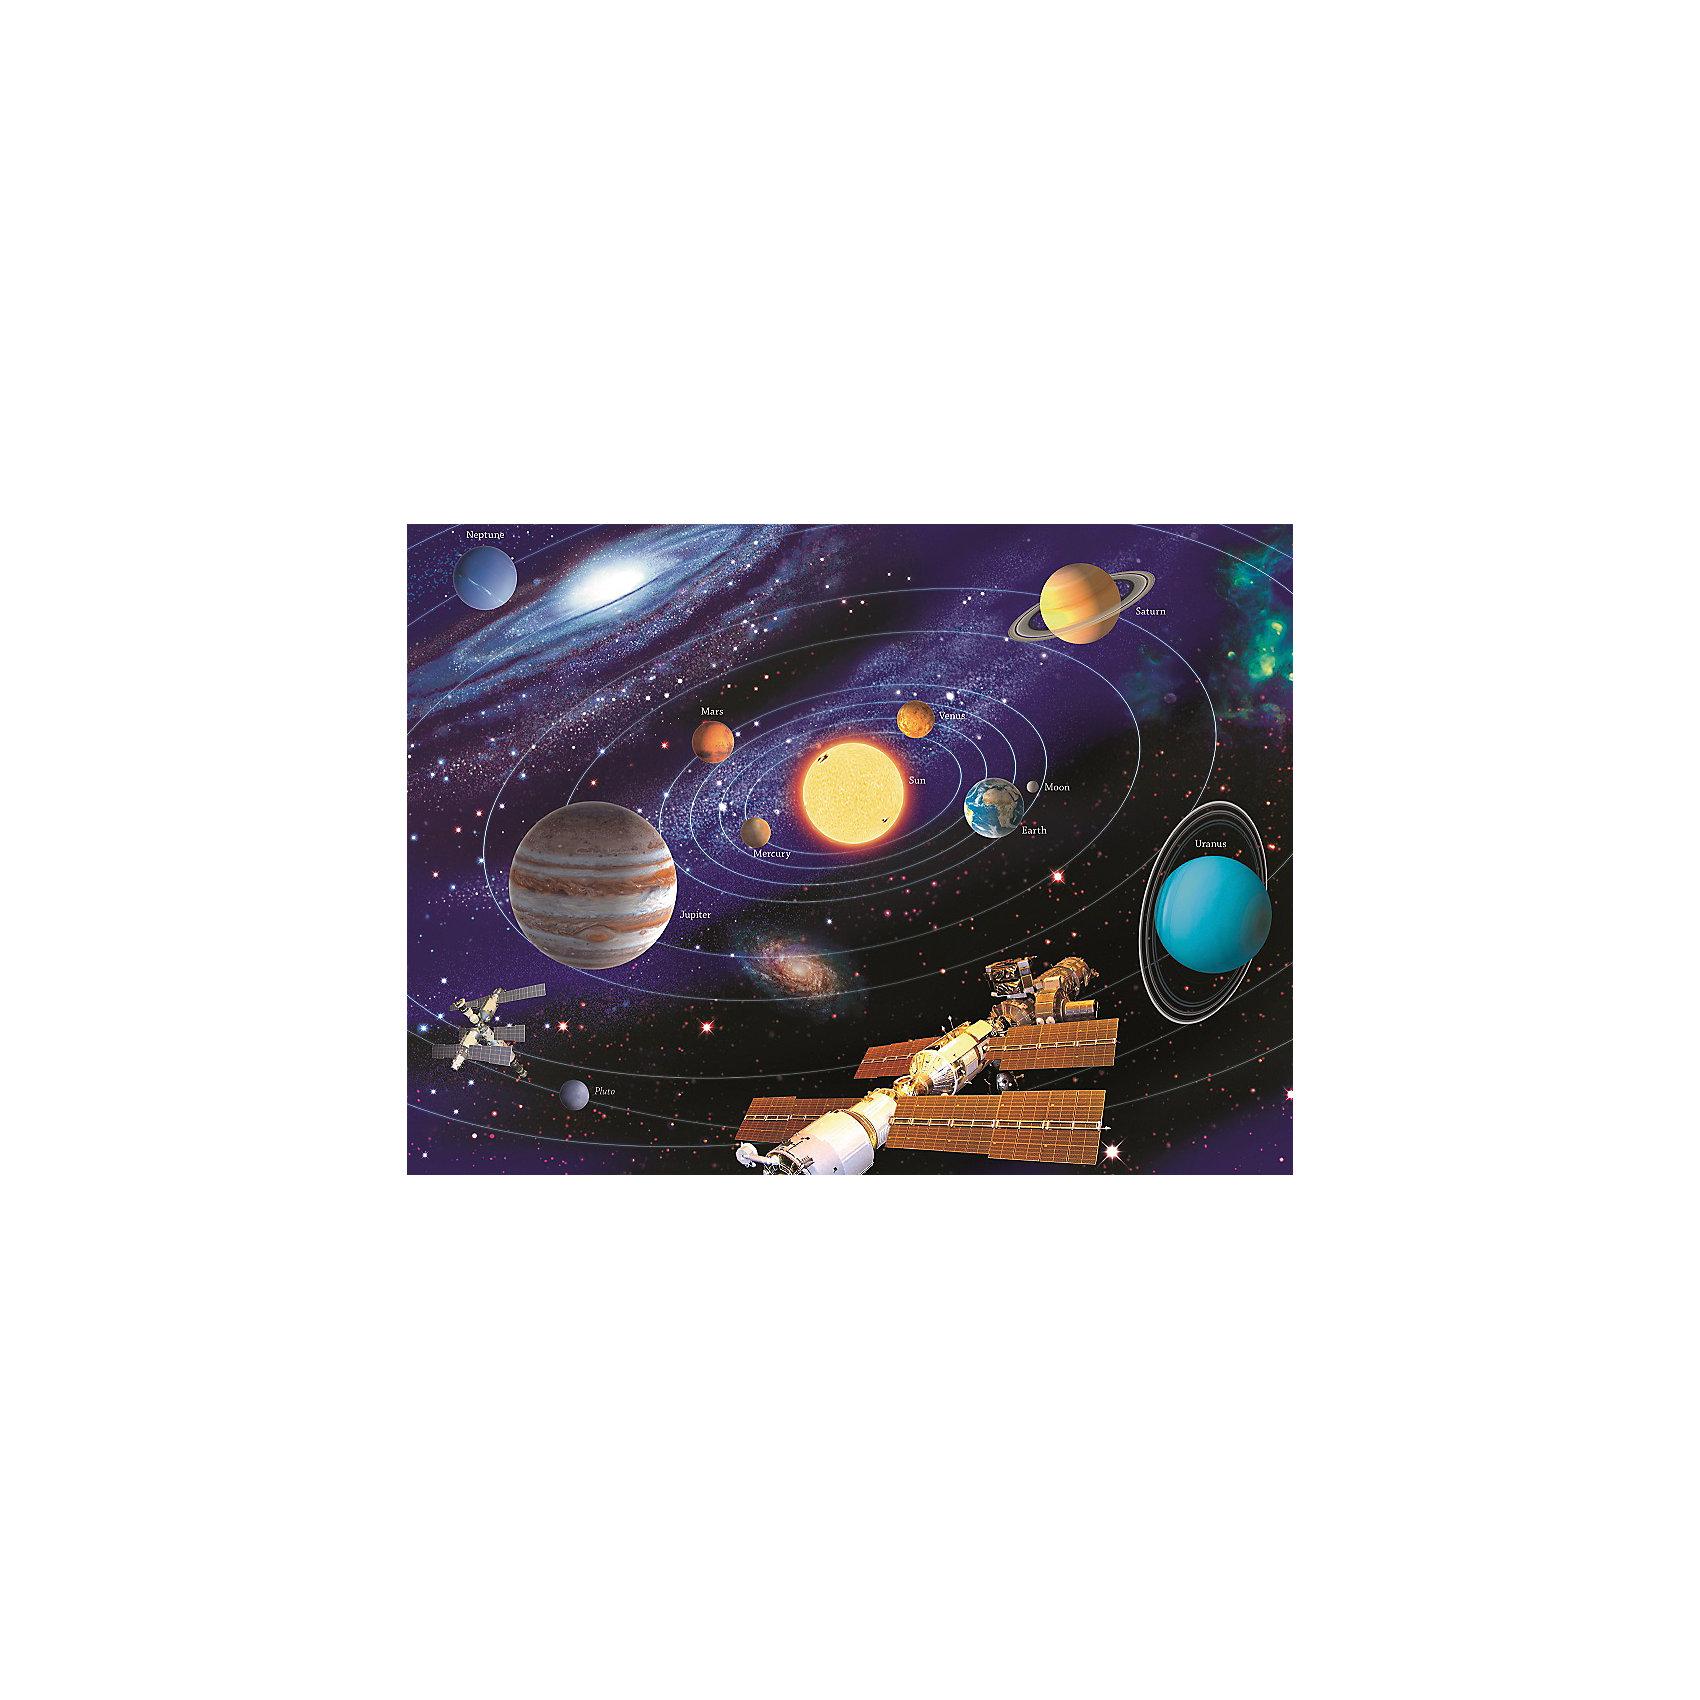 Пазл «Солнечная система» XXL 200 деталей, RavensburgerПазлы для детей постарше<br>Пазл «Солнечная система» XXL 200 деталей, Ravensburger (Равенсбургер) – яркий детский пазл, который понравится всем членам семьи.<br>Сюжет пазла «Солнечная система» предлагает нам взглянуть на мир космоса немного ближе, здесь и Земля, и Юпитер, и Луна и Солнце и даже МКС! Вот он холодный, но дико красивый космос, который пленяет и завораживает. Пазл состоит из 200 качественных картонных деталей, которые не ломаются, не подвергаются деформации при сборке. Каждая деталь имеет свою форму и подходит только на свое место. Элементы пазла идеально соединяются друг с другом, не отслаиваются с течением времени. Матовая поверхность исключает отблески. Пазлы Ravensburger (Равенсбургер)- это высочайшее качество картона и полиграфии. Пазлы - замечательная развивающая игра для детей. Собирание пазла развивает у ребенка мелкую моторику рук, тренирует наблюдательность, логическое мышление, знакомит с окружающим миром, с цветом и разнообразными формами, учит усидчивости и терпению, аккуратности и вниманию.<br><br>Дополнительная информация:<br><br>- Количество деталей: 200 шт.<br>- Размер картинки: 49 х 36 см.<br>- Материал: картон<br>- Размер упаковки: 34 х 23 х 4 см.<br>- Вес: 571 гр.<br><br>Пазл «Солнечная система» XXL 200 деталей, Ravensburger (Равенсбургер) можно купить в нашем интернет-магазине.<br><br>Ширина мм: 340<br>Глубина мм: 230<br>Высота мм: 40<br>Вес г: 571<br>Возраст от месяцев: 96<br>Возраст до месяцев: 168<br>Пол: Унисекс<br>Возраст: Детский<br>Количество деталей: 200<br>SKU: 4214567